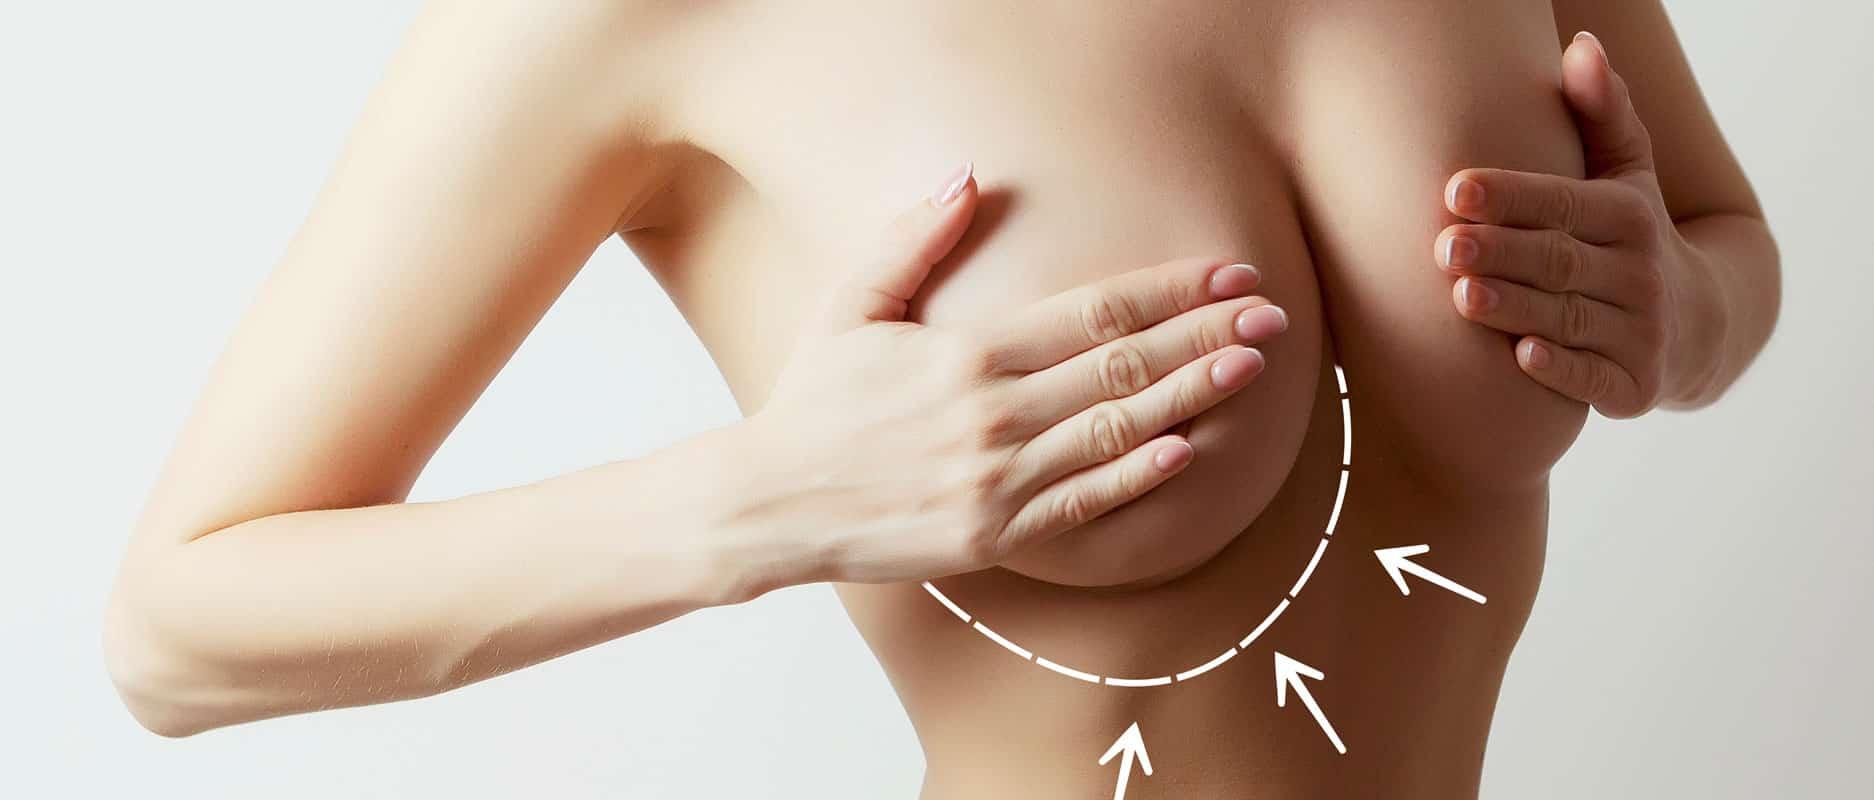 Augmentation mammaire : 10 questions réponses pour y voir plus clair